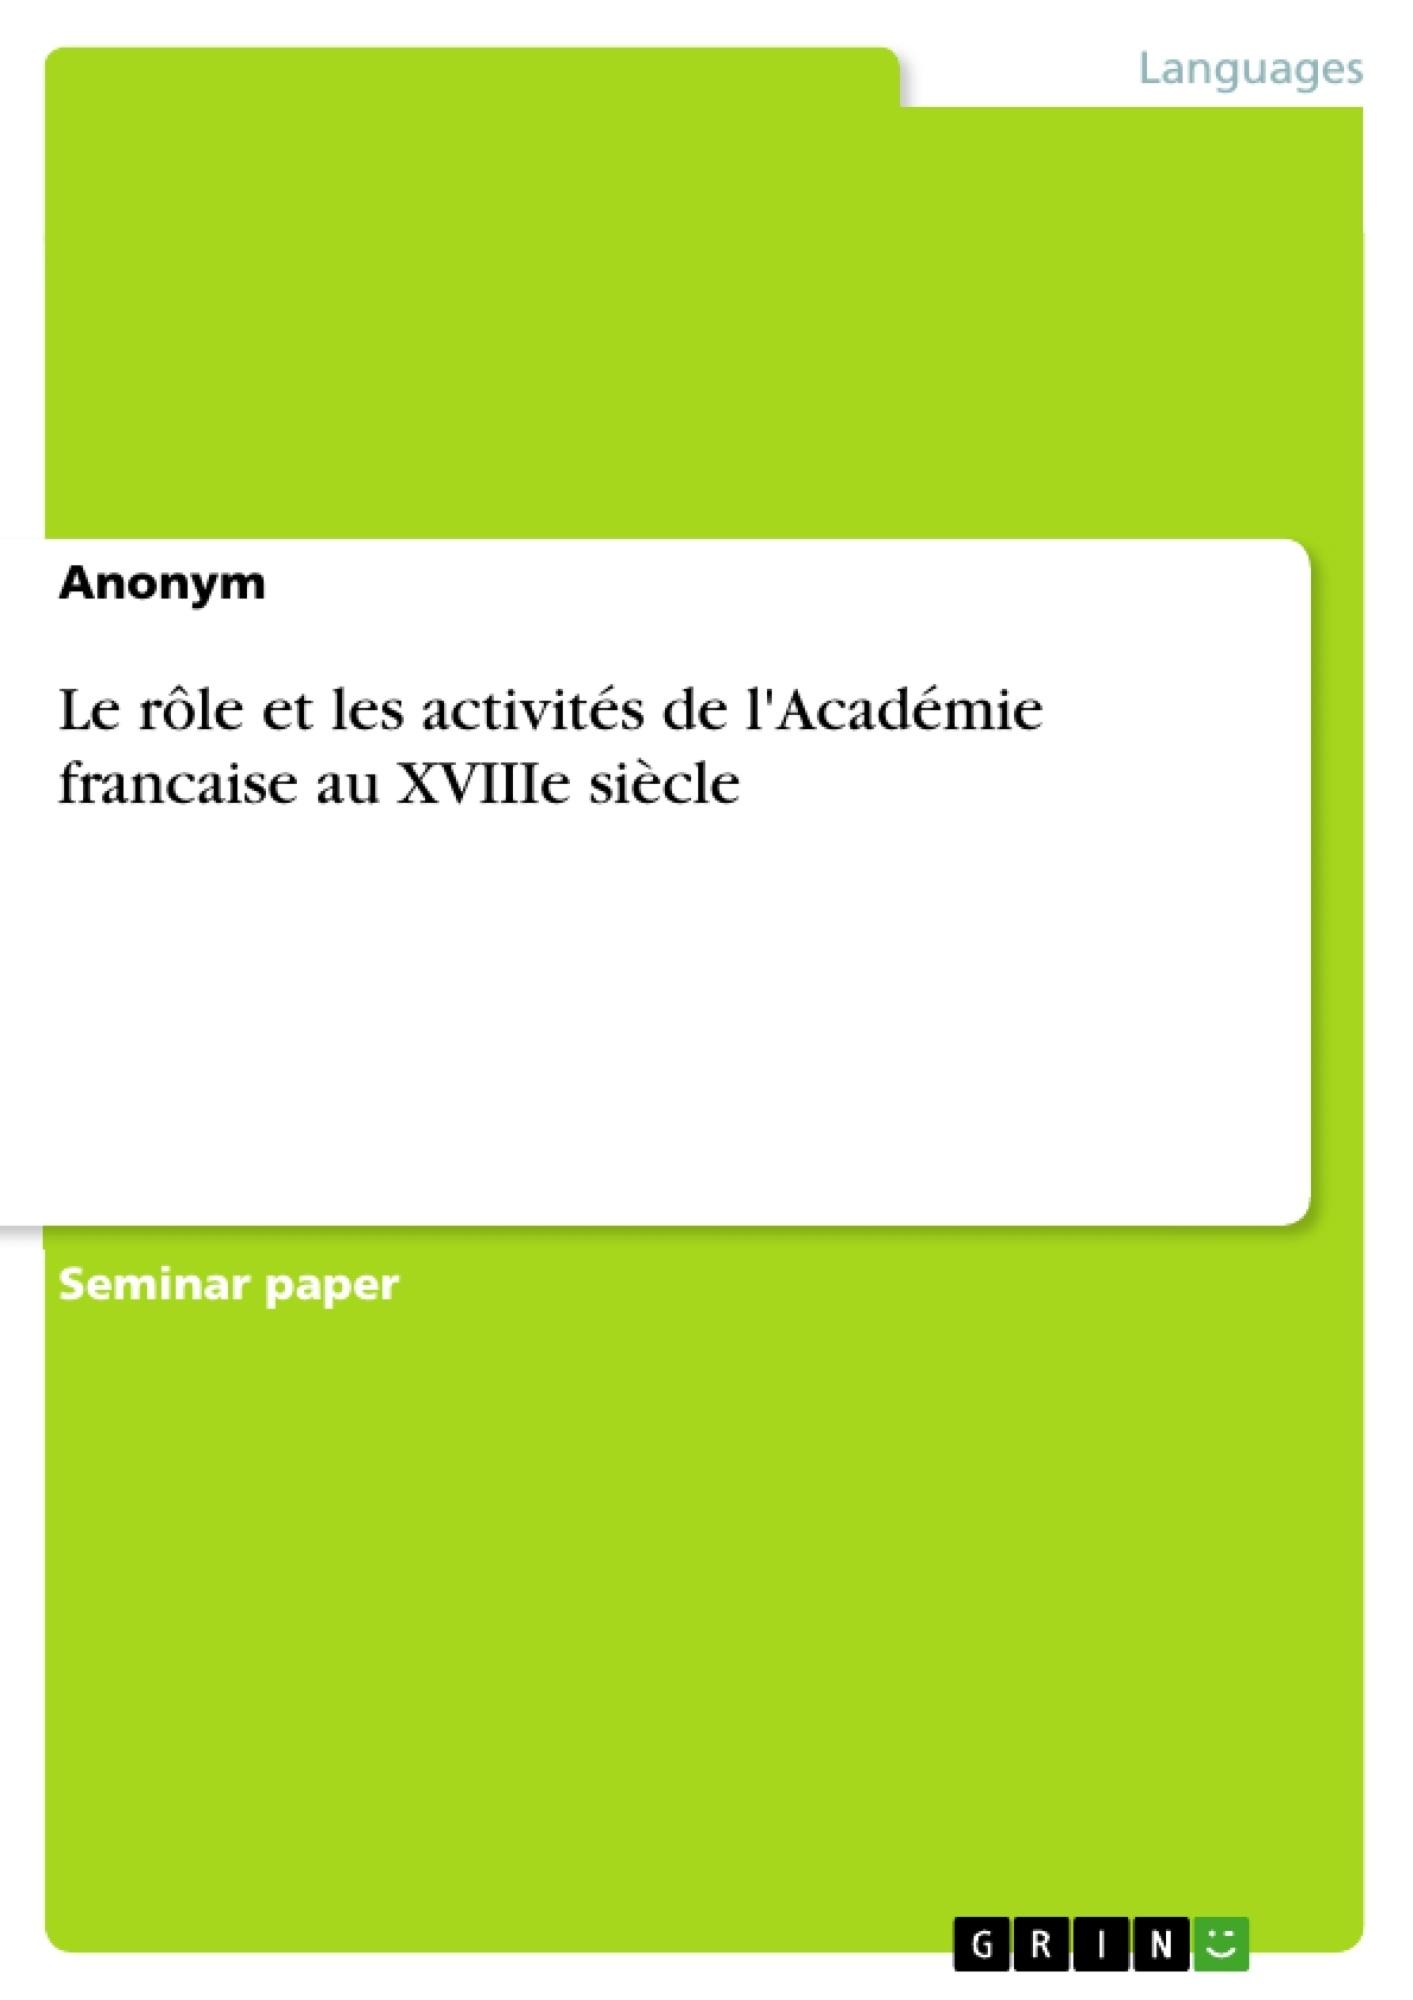 Titre: Le rôle et les activités de l'Académie francaise au XVIIIe siècle